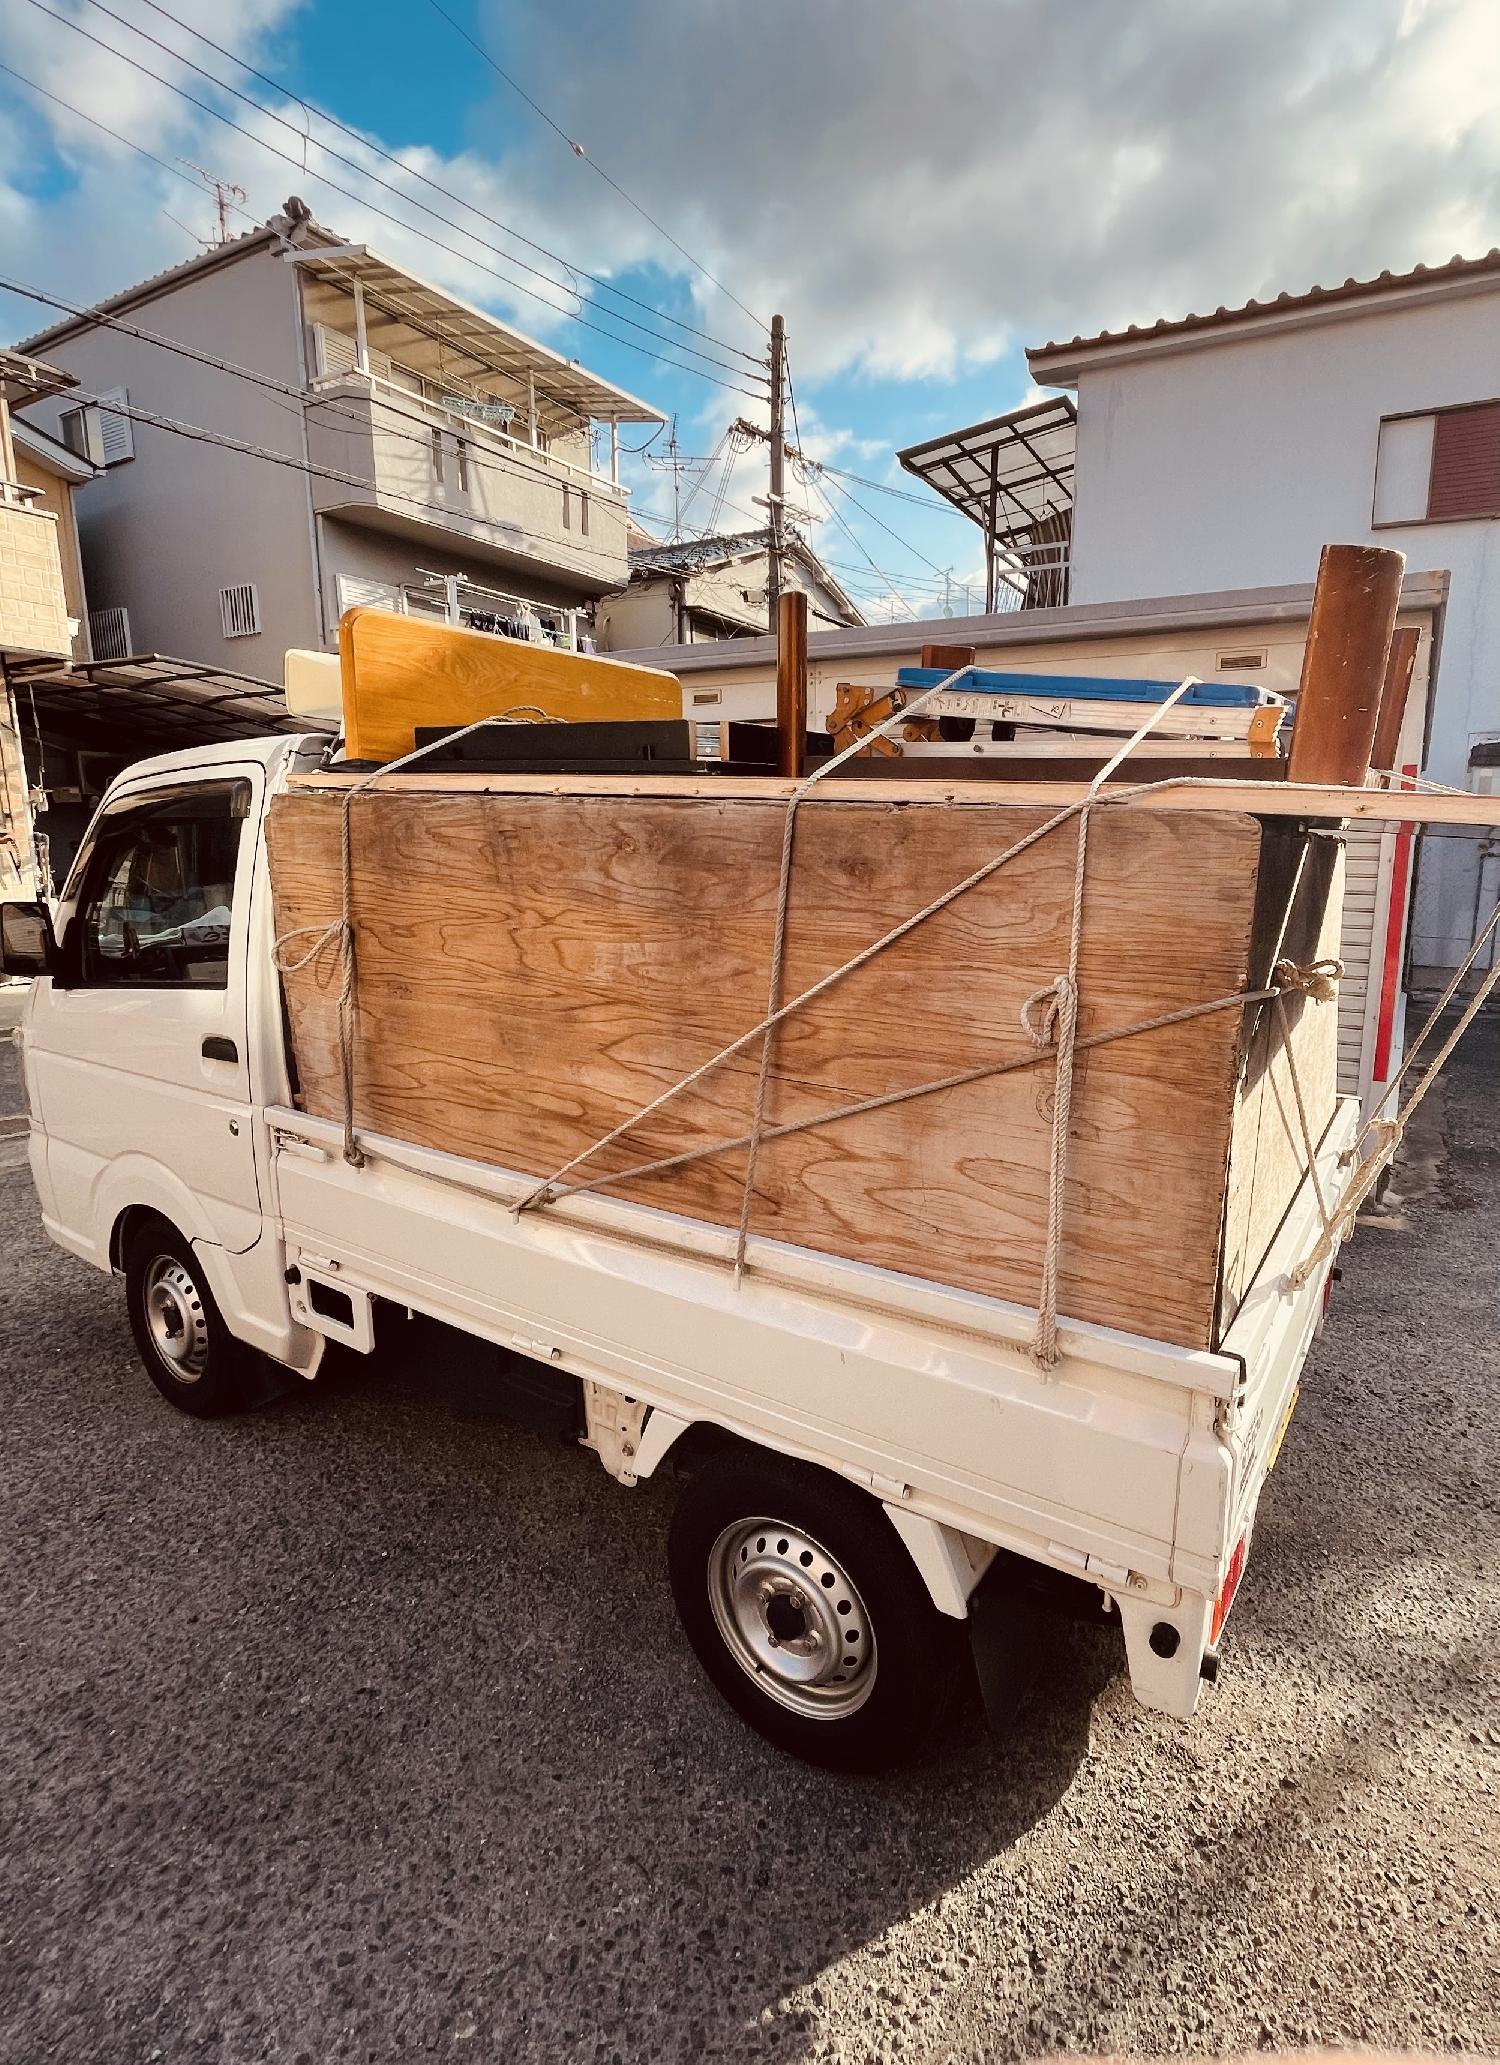 2021/02/24 大阪府岸和田市より不用品回収のご依頼